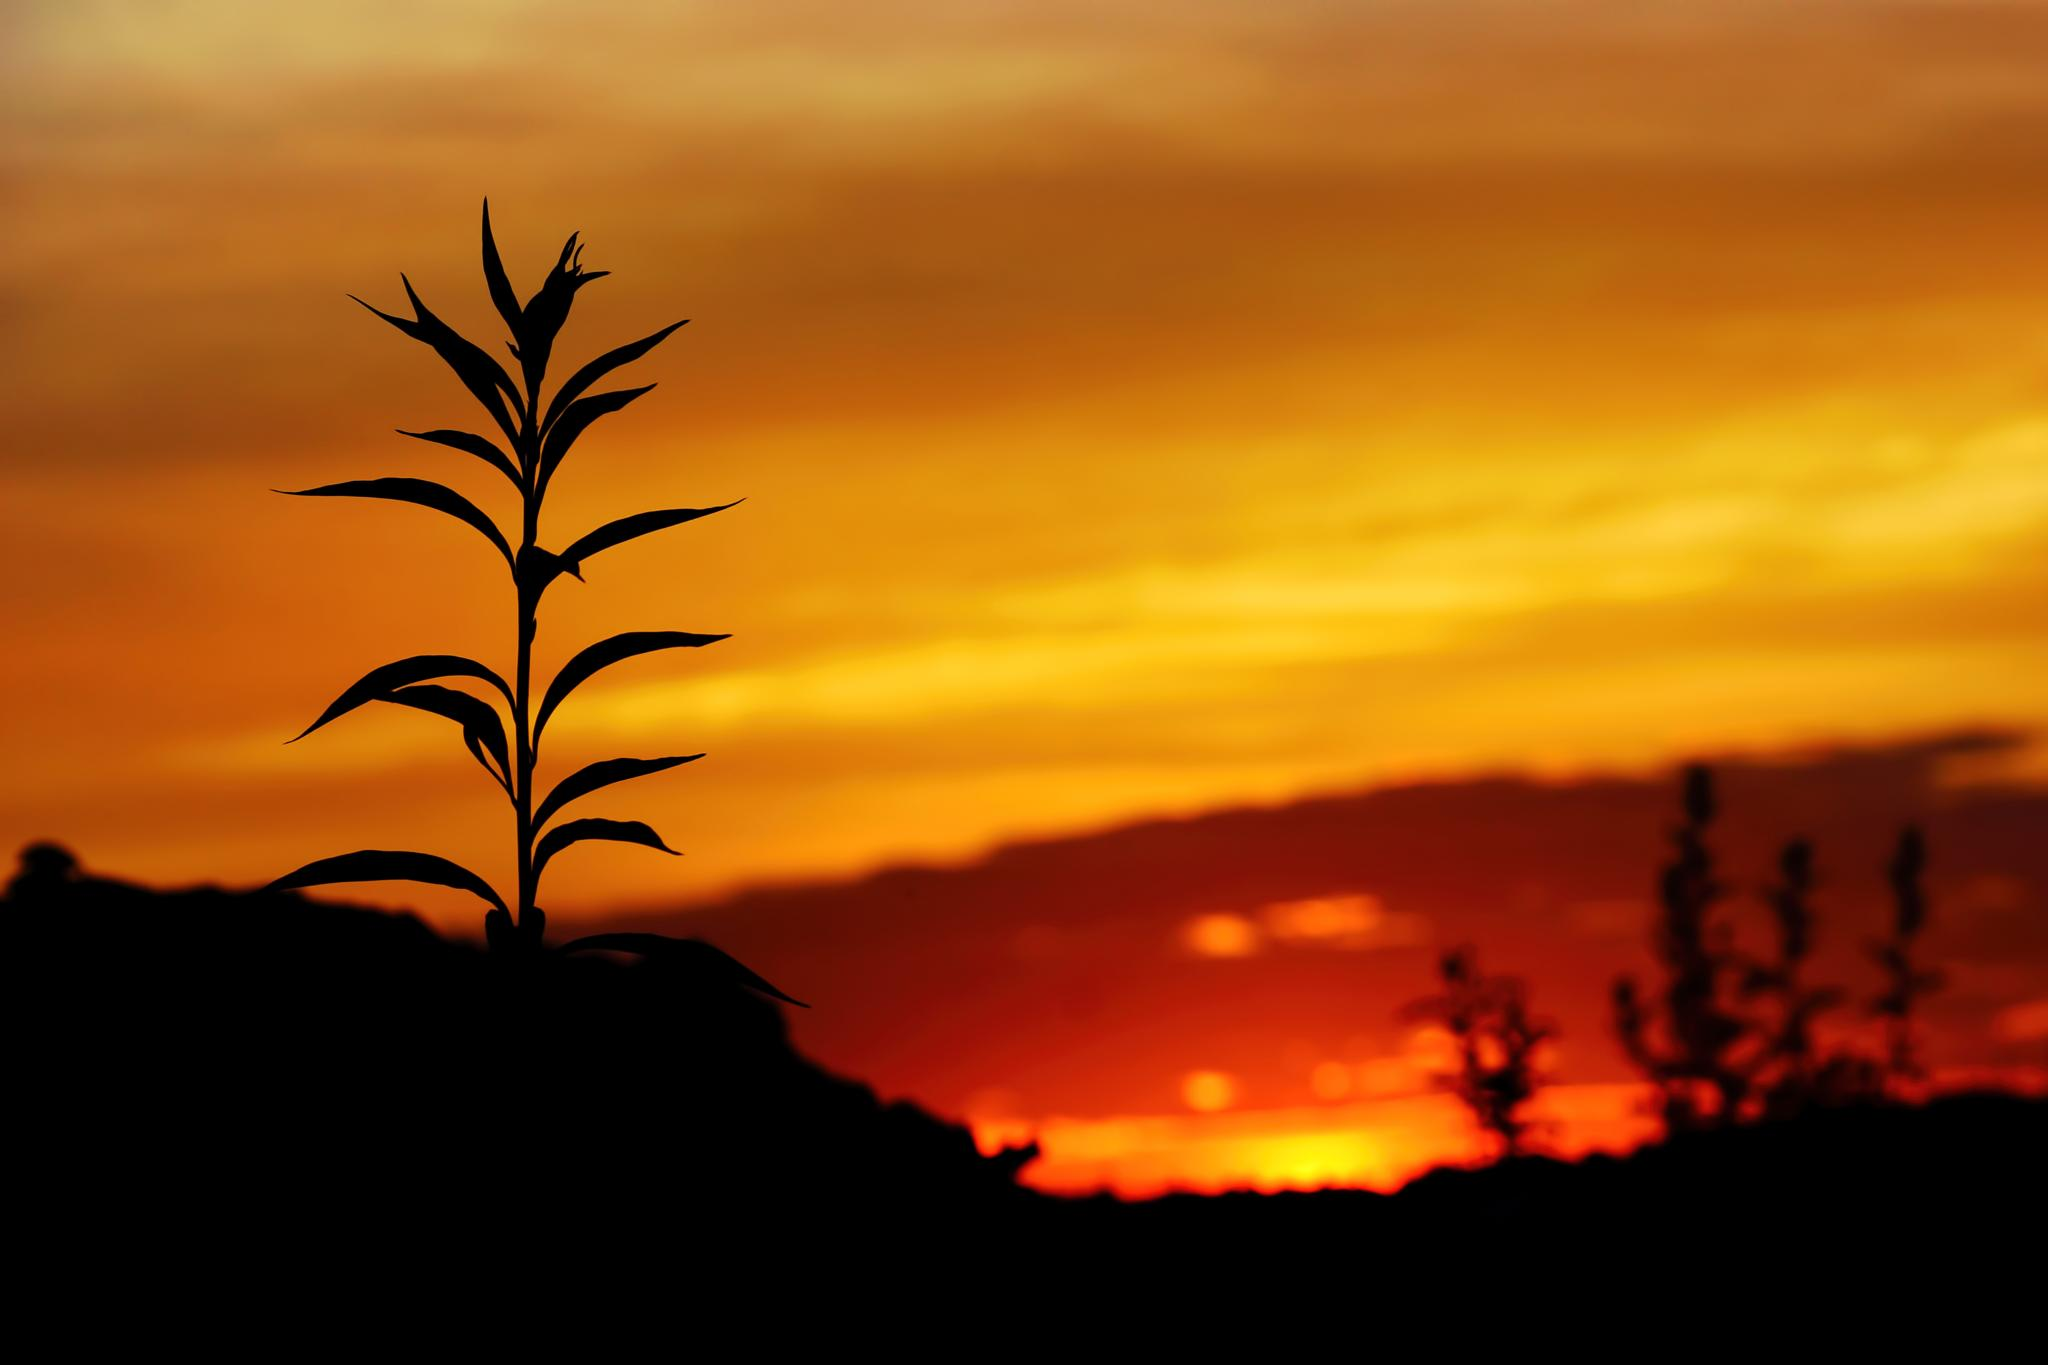 Minimalist golden sunset by sylviecorriveau